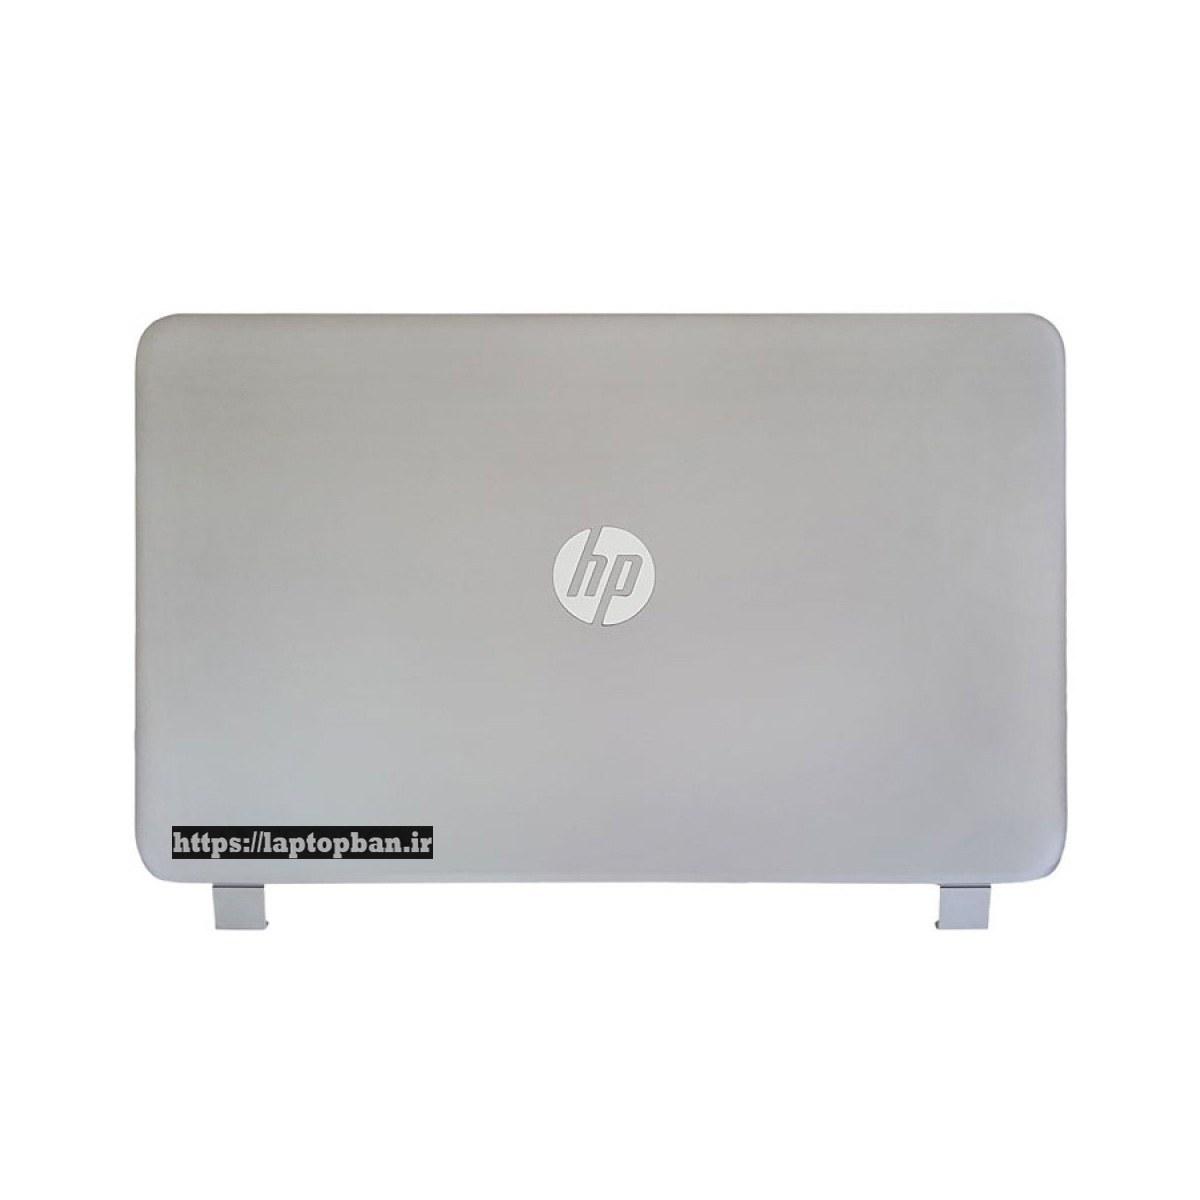 تصویر قاب پشت ال سی دی لپ تاپ اچ پی Hp Pavilion 15-P نقره ای Case A Laptop HP Pavilion 15-P_Silver